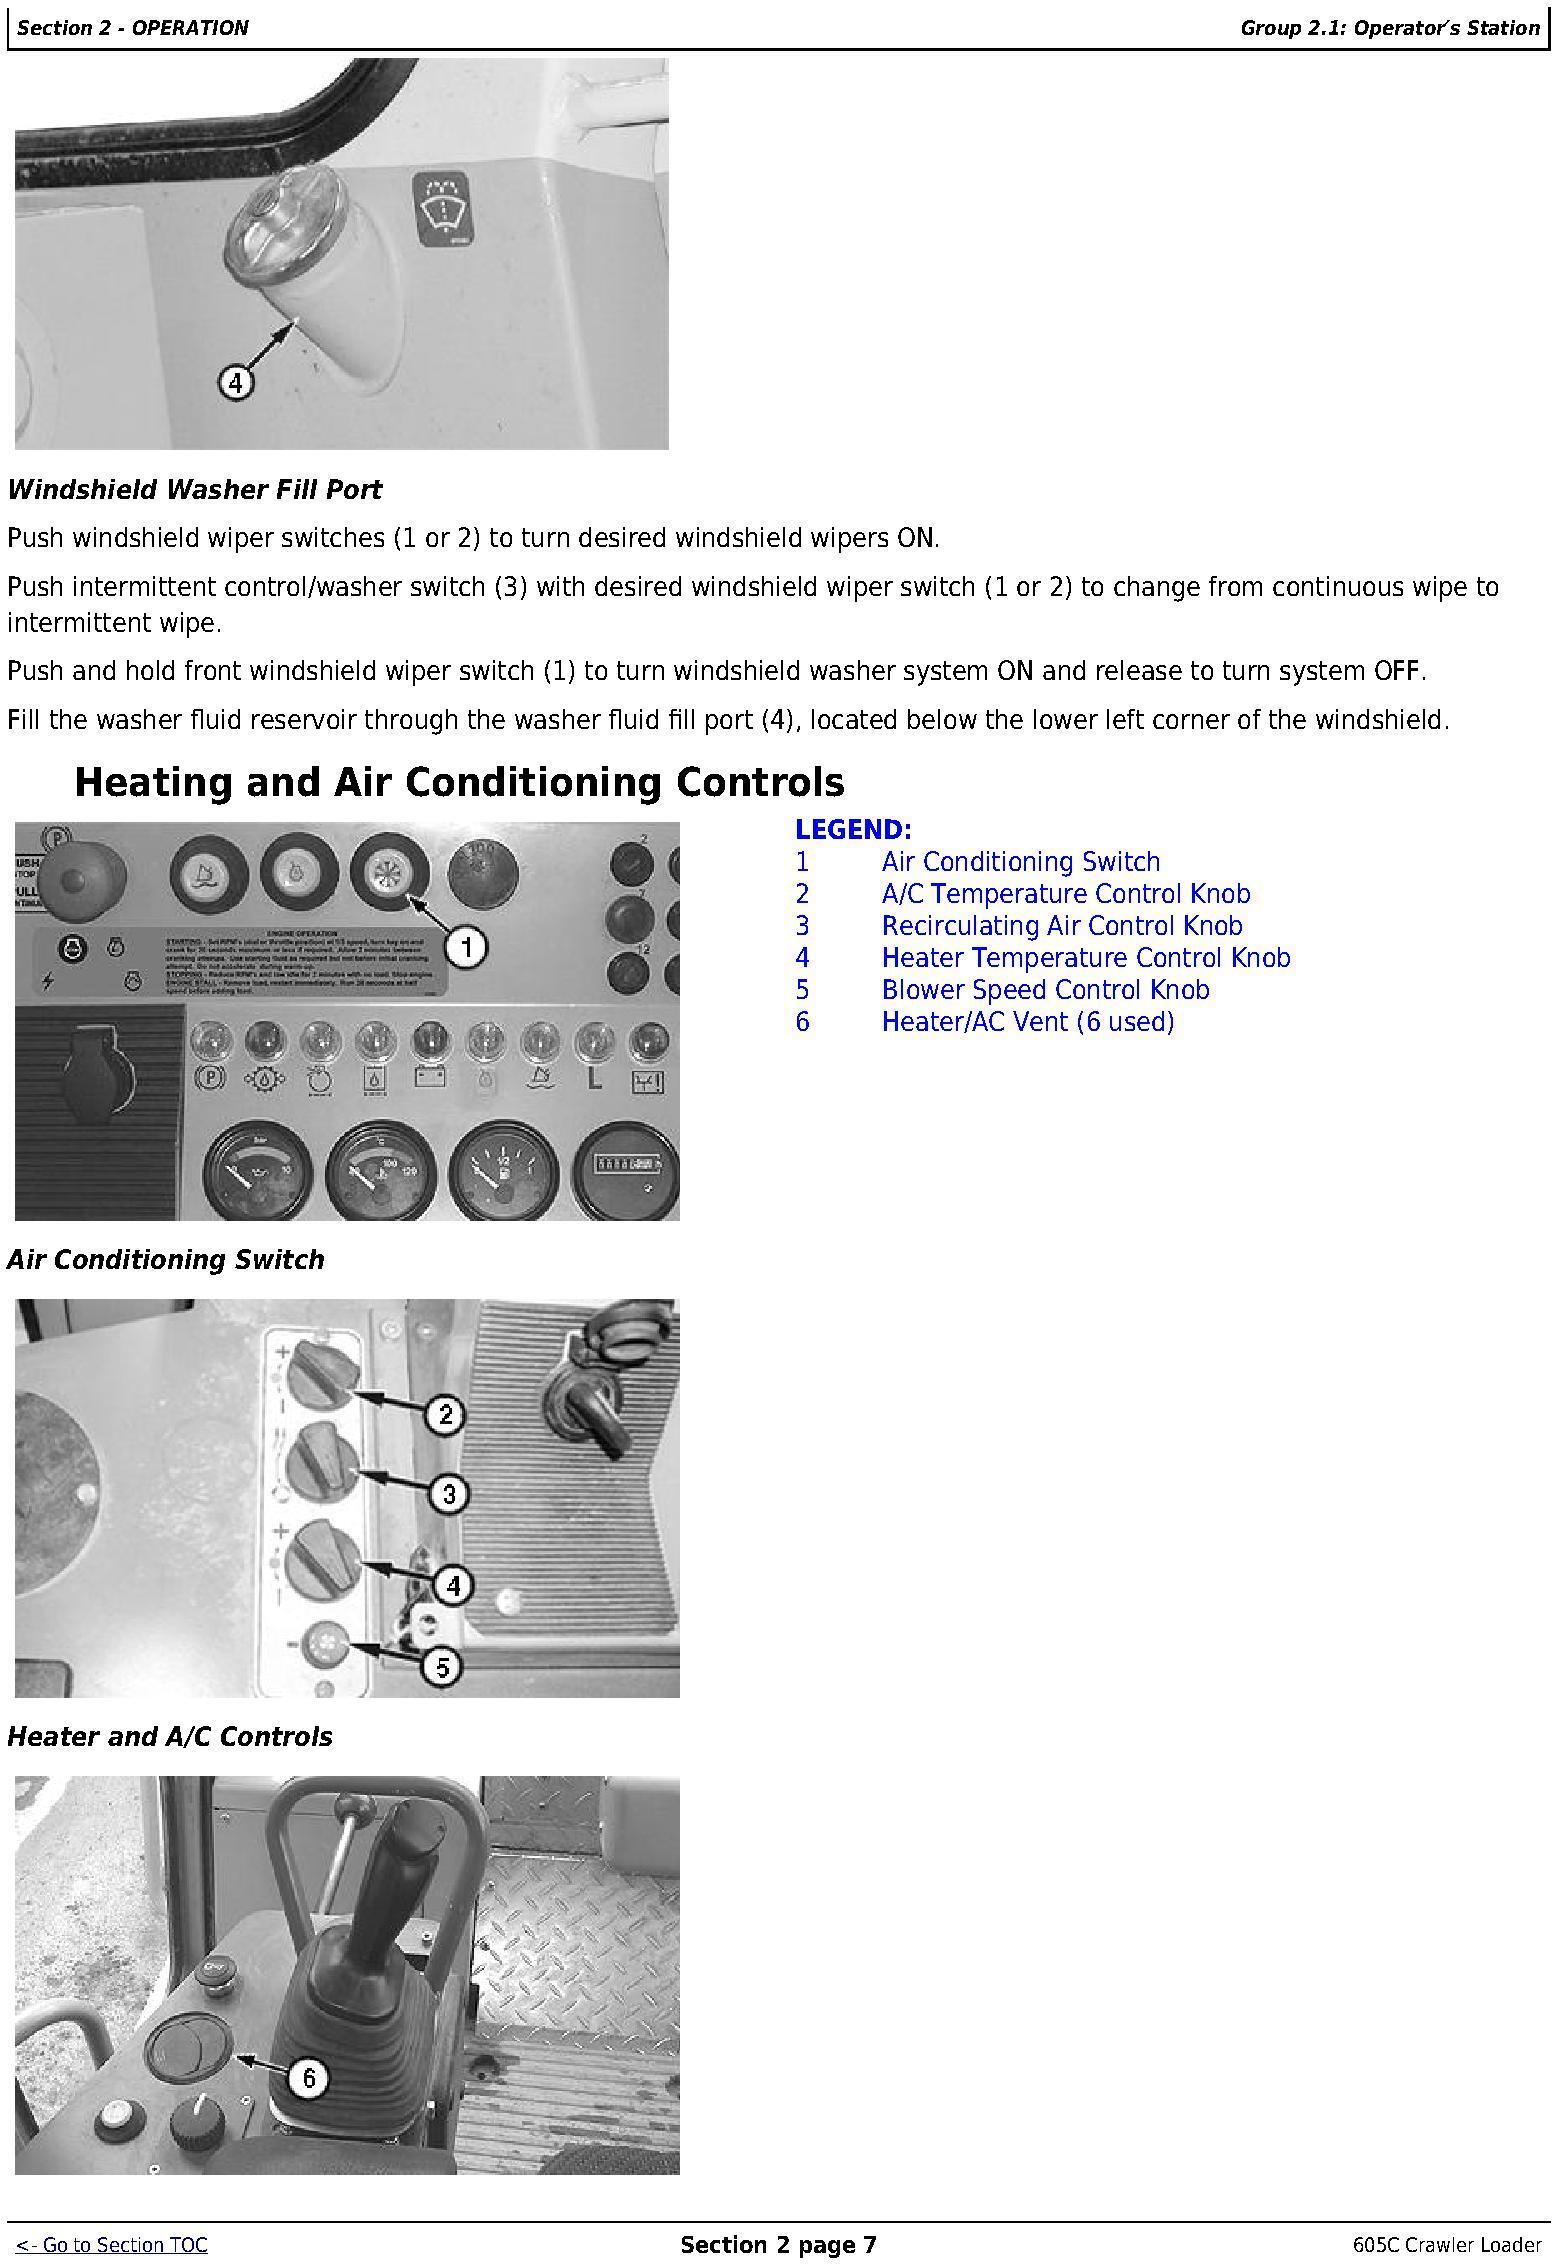 OMT217598 - John Deere 605C Crawler Loader Operators Manual - 2